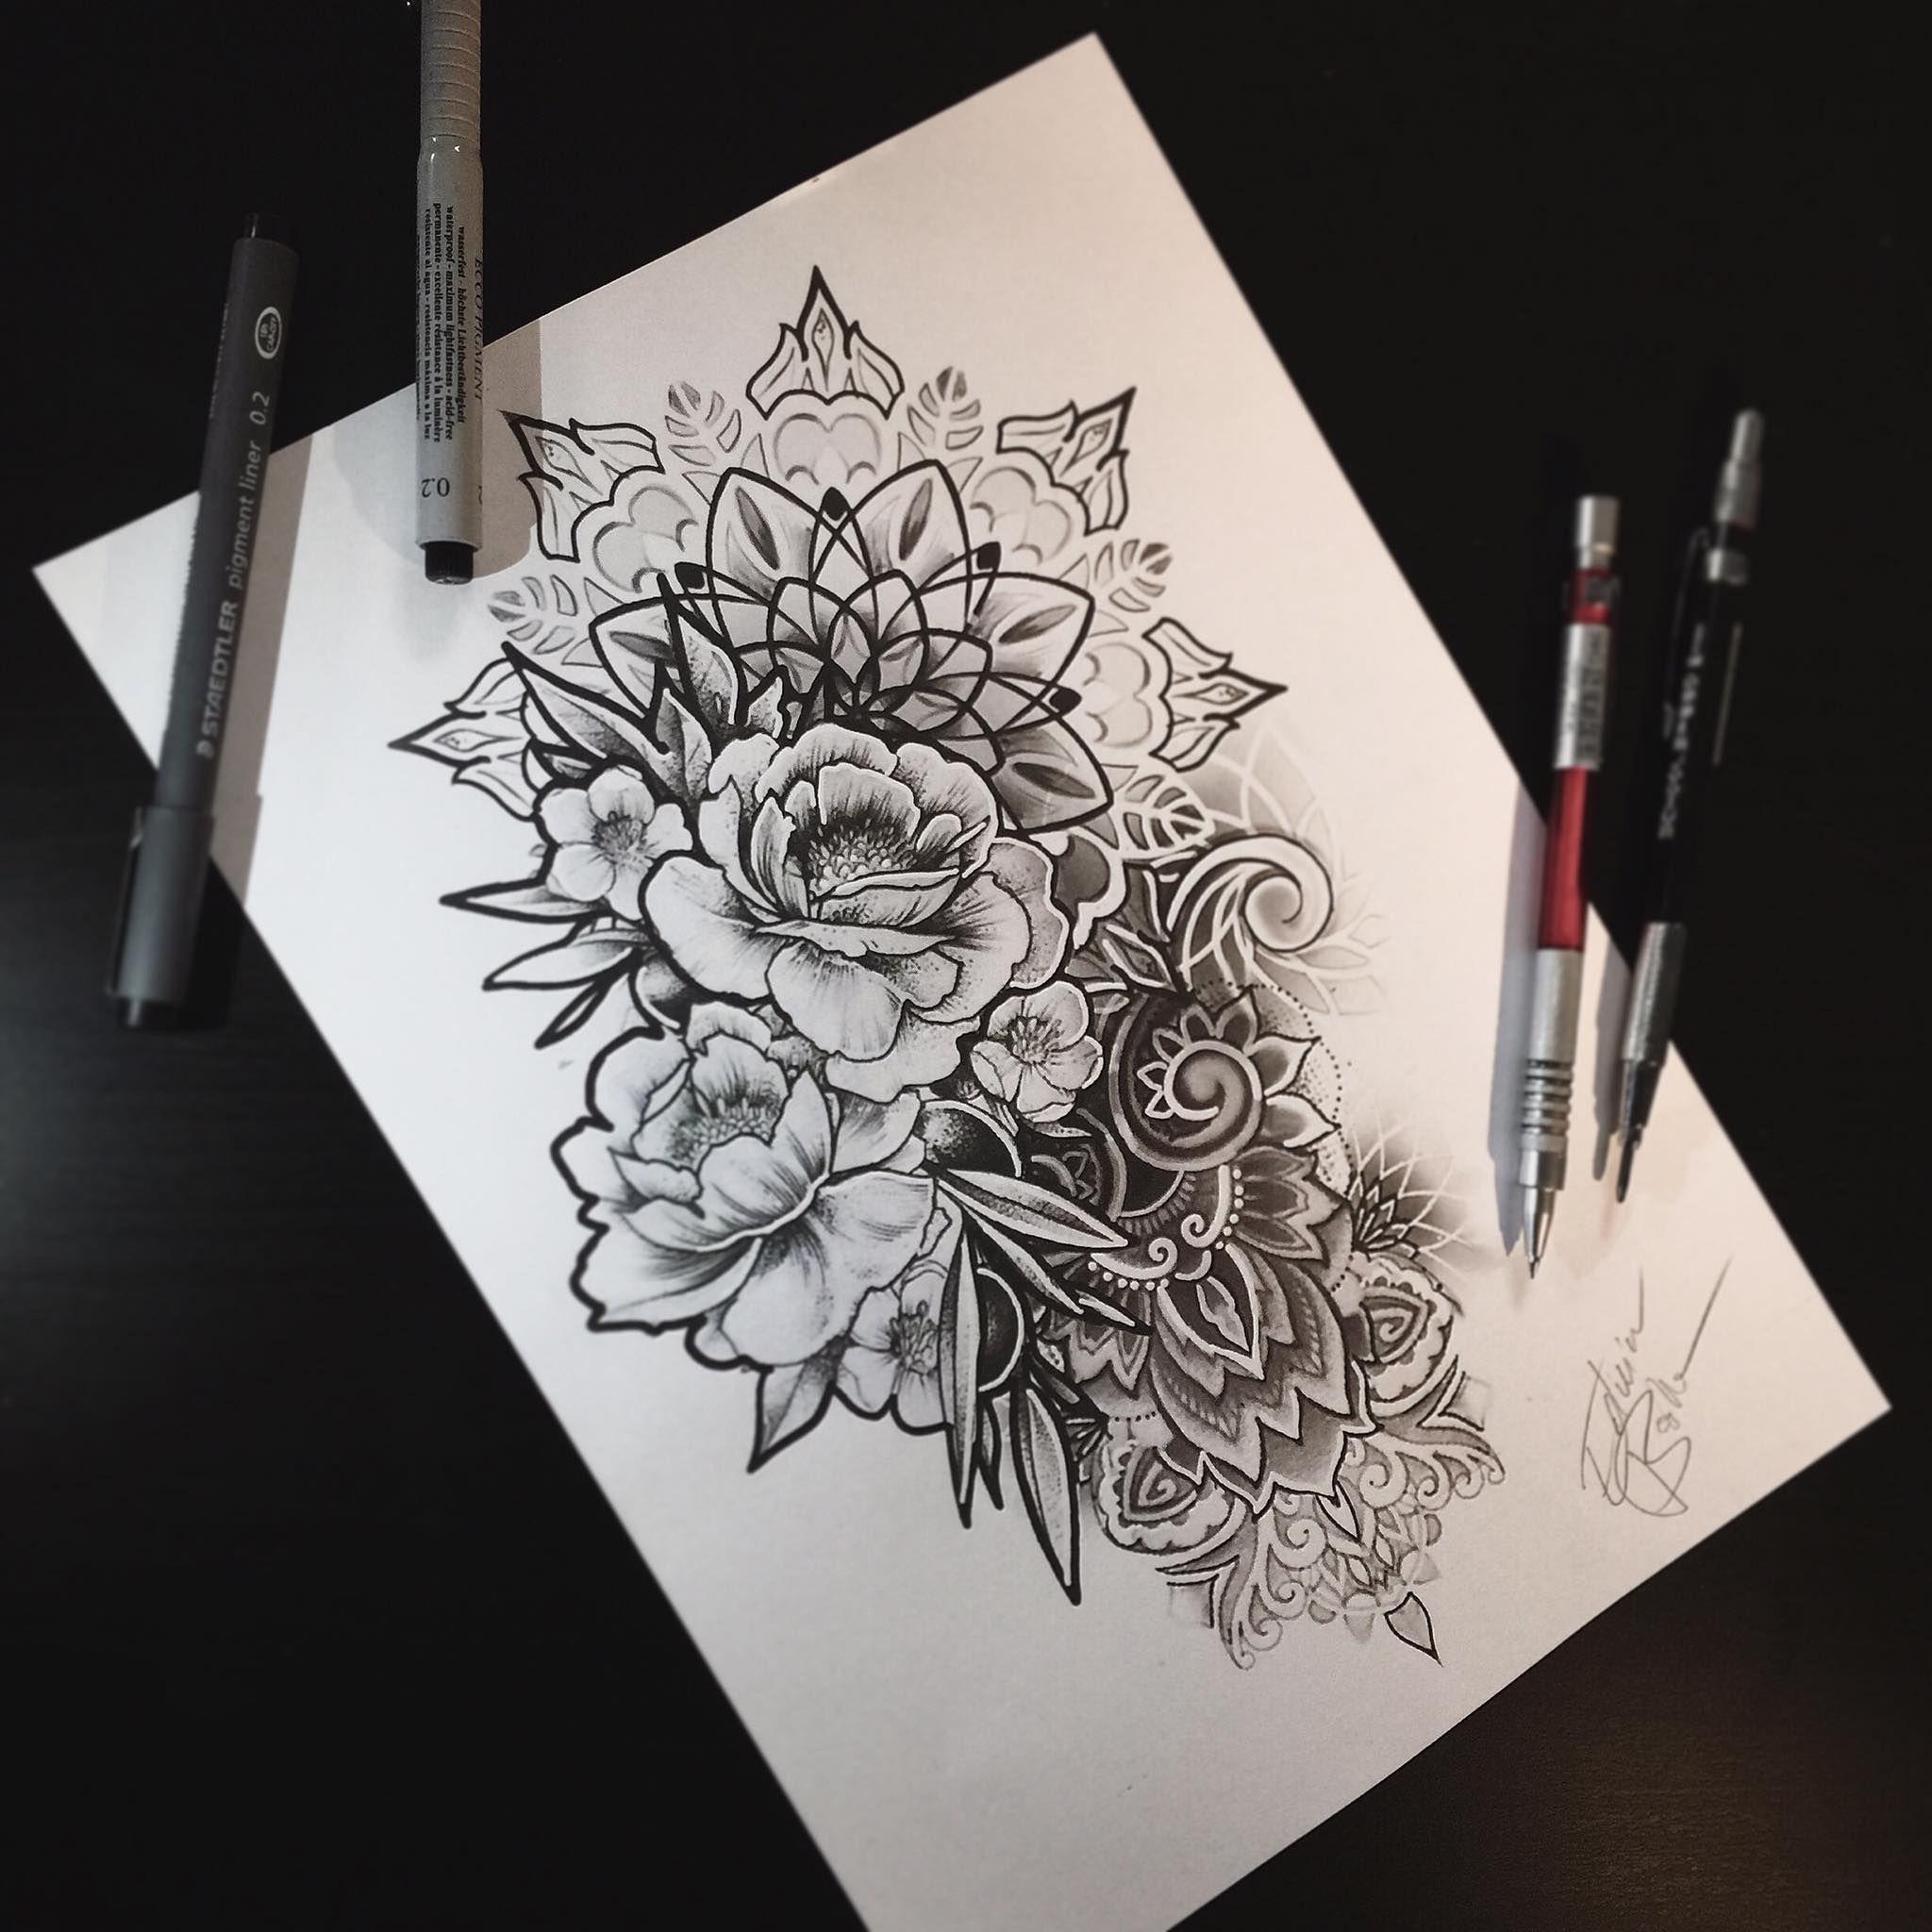 Mandala tattoo on pinterest lotus mandala tattoo lotus mandala - Flowers Tattoo Mandala Mandala Tattoo Tatuaggio Mandala Fiori Flower Tatuaggio